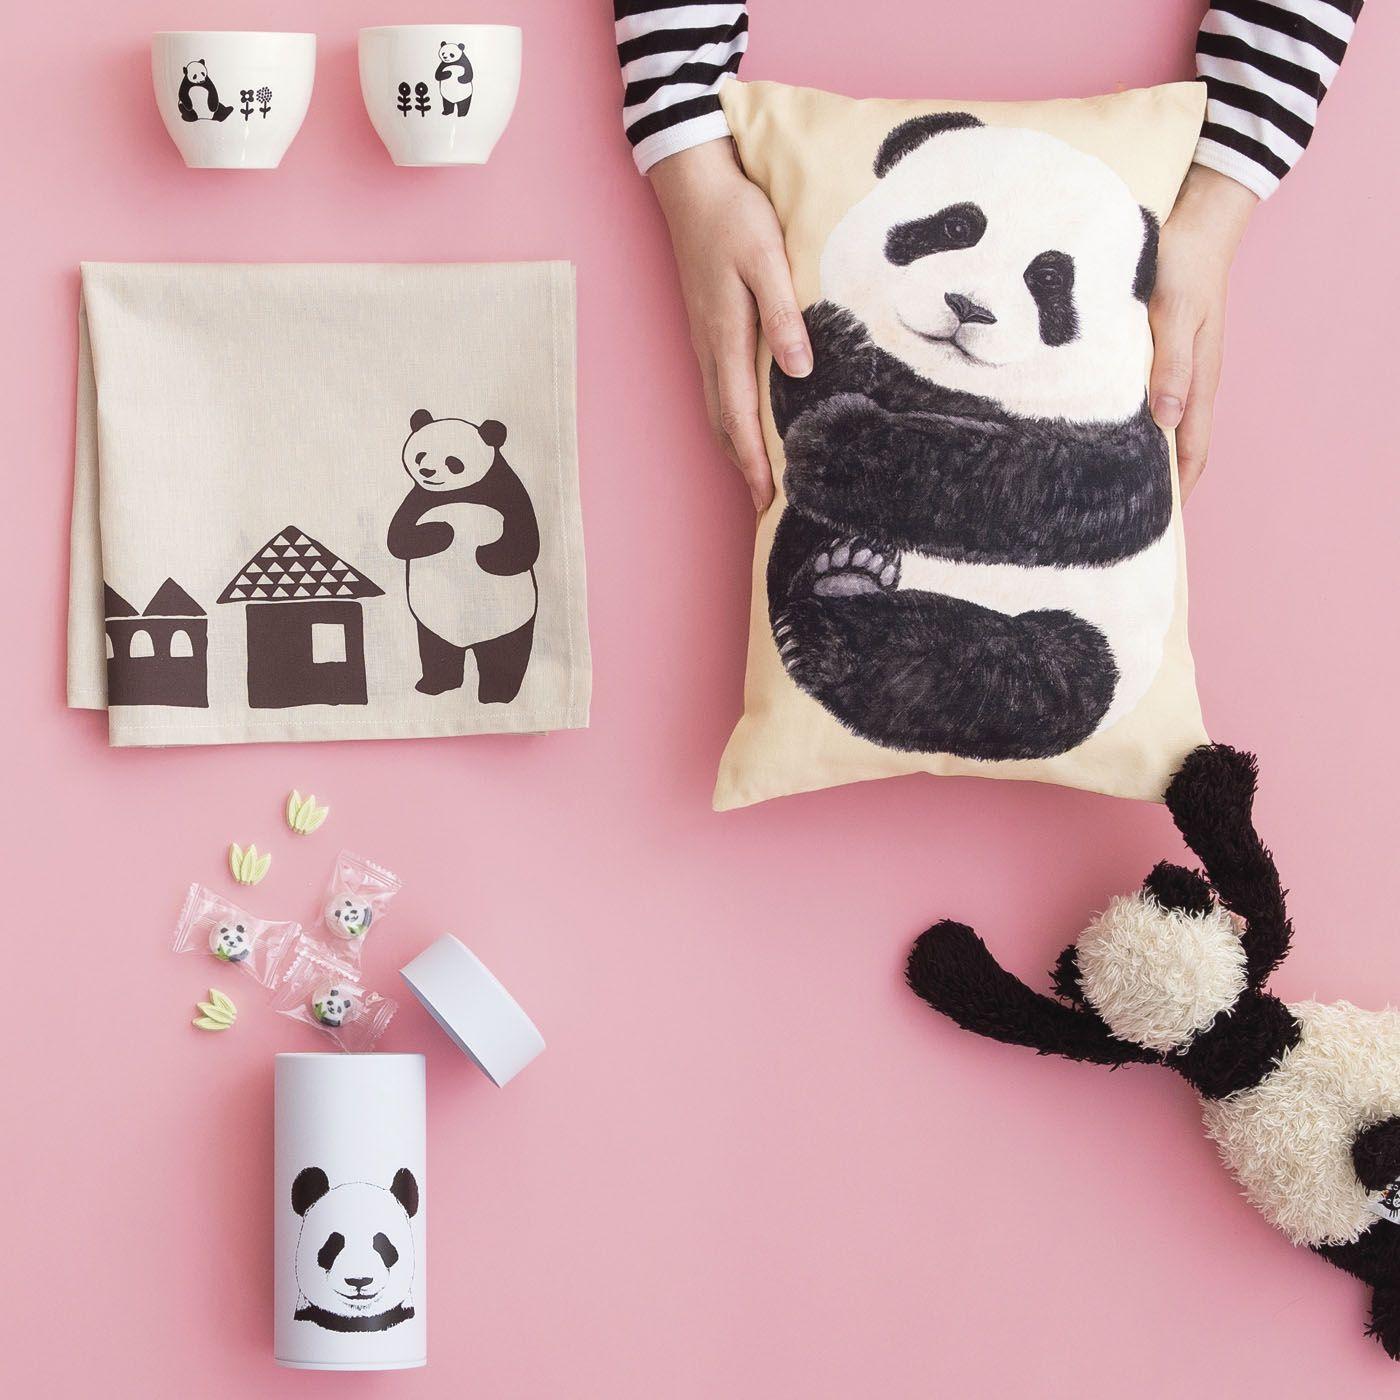 こちらを見つめるパンダの愛くるしい表情にメロメロ You More パンダが家にやってきた のんび りごろごろパンダ雑貨の会 パンダアート パンダ 猫